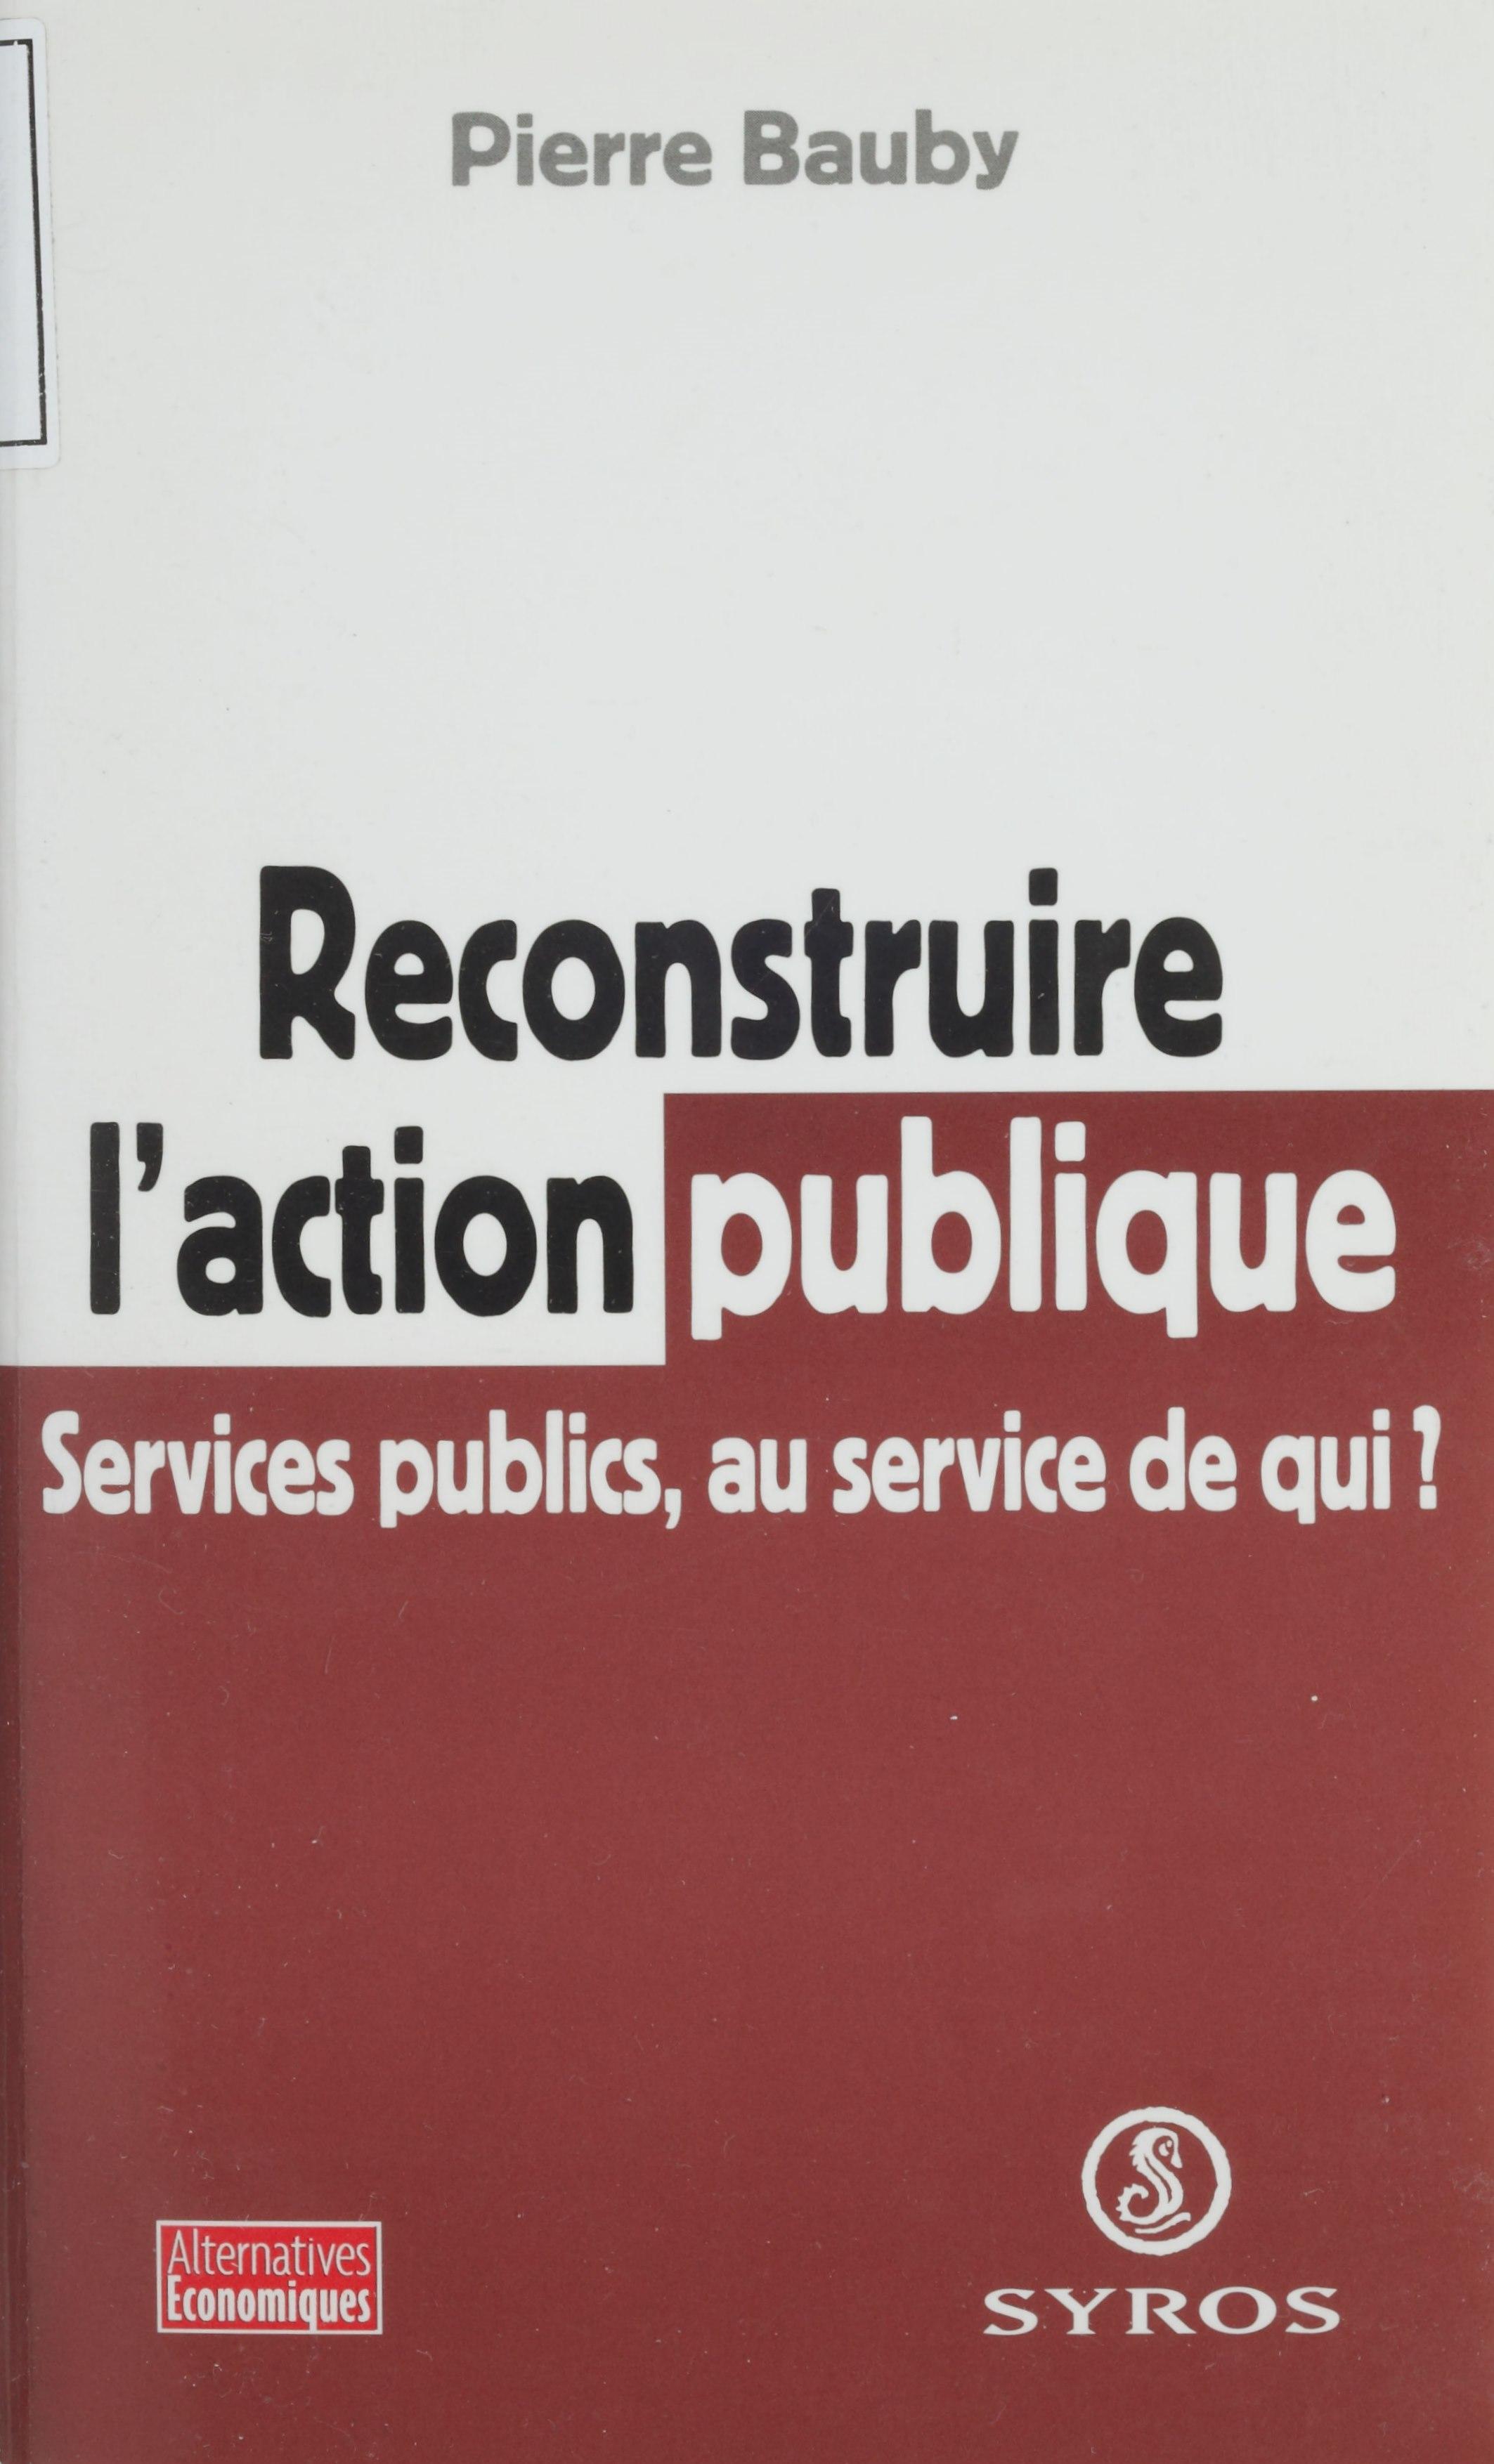 Reconstruire l'action publique, Services publics, au service de qui ?